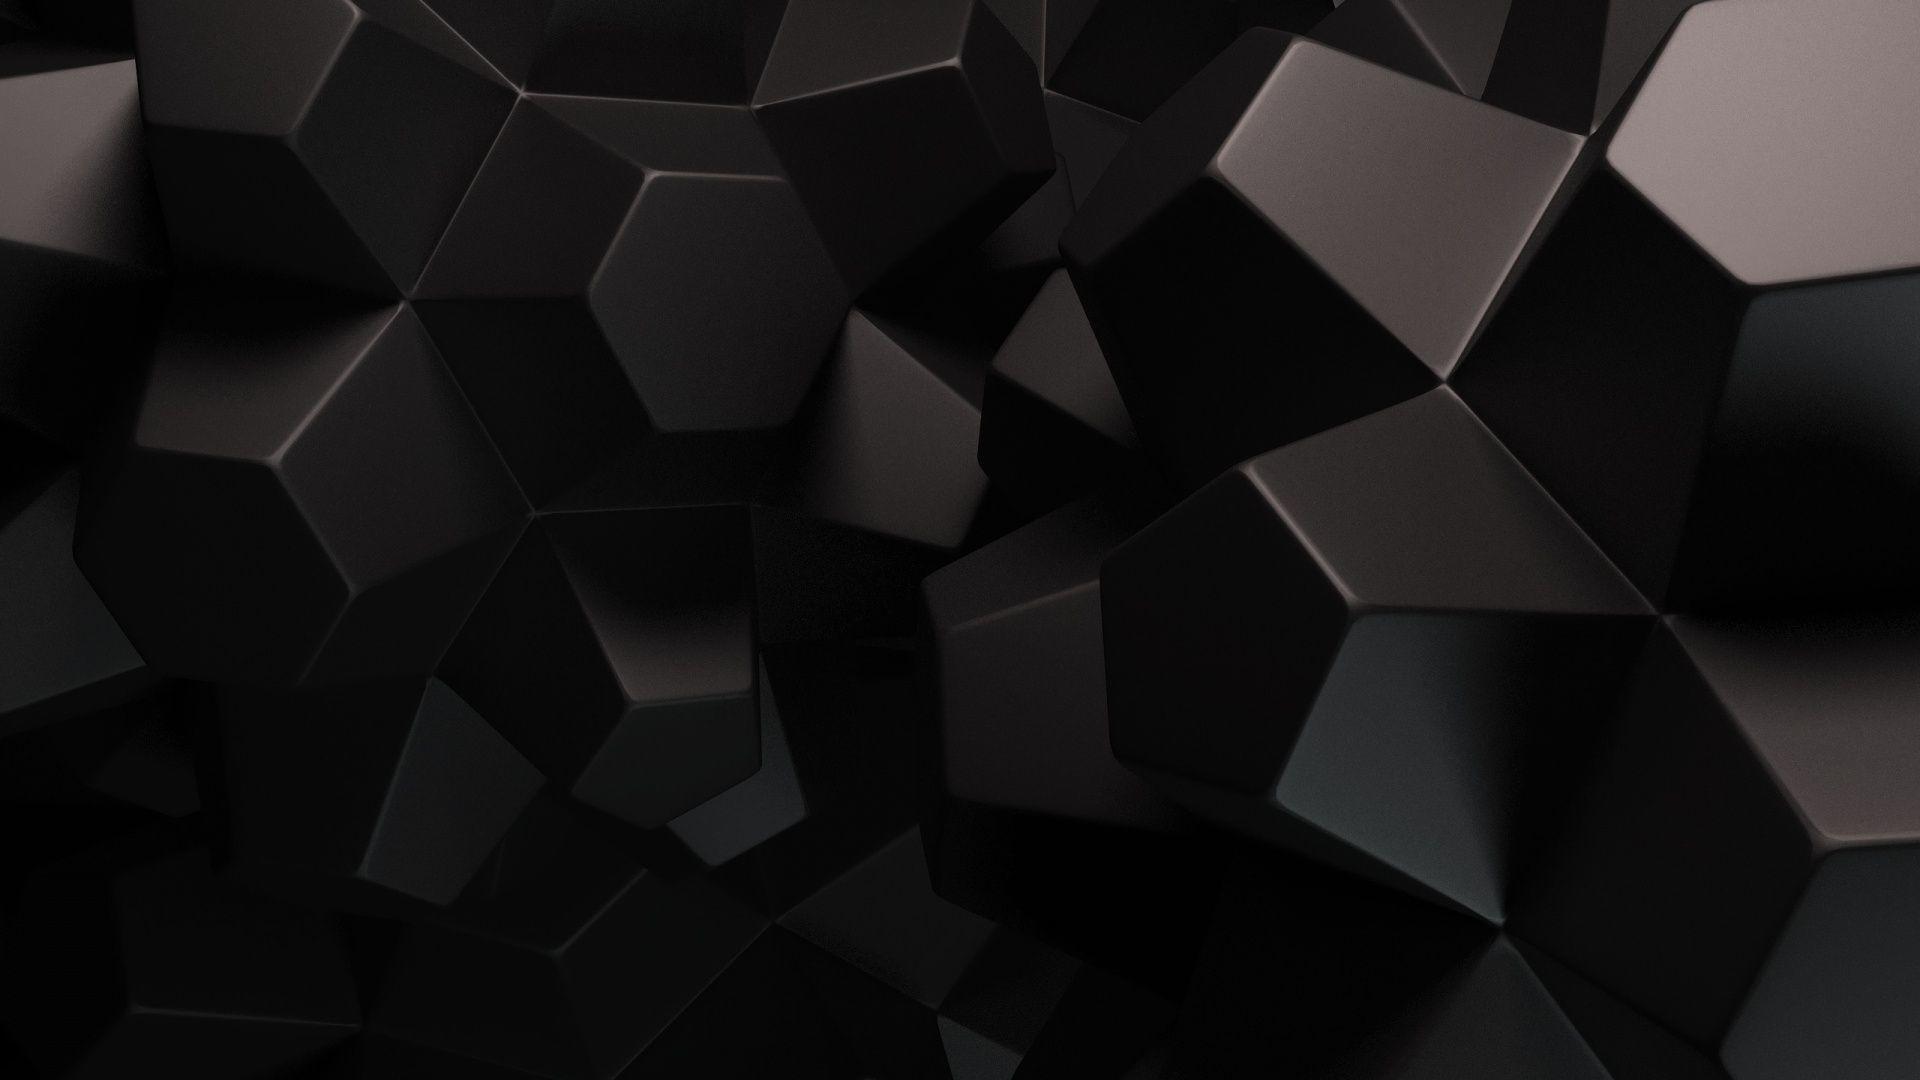 Black Abstract Wallpaper 1080p #hh2 ~ Abstract Wallpaper at .